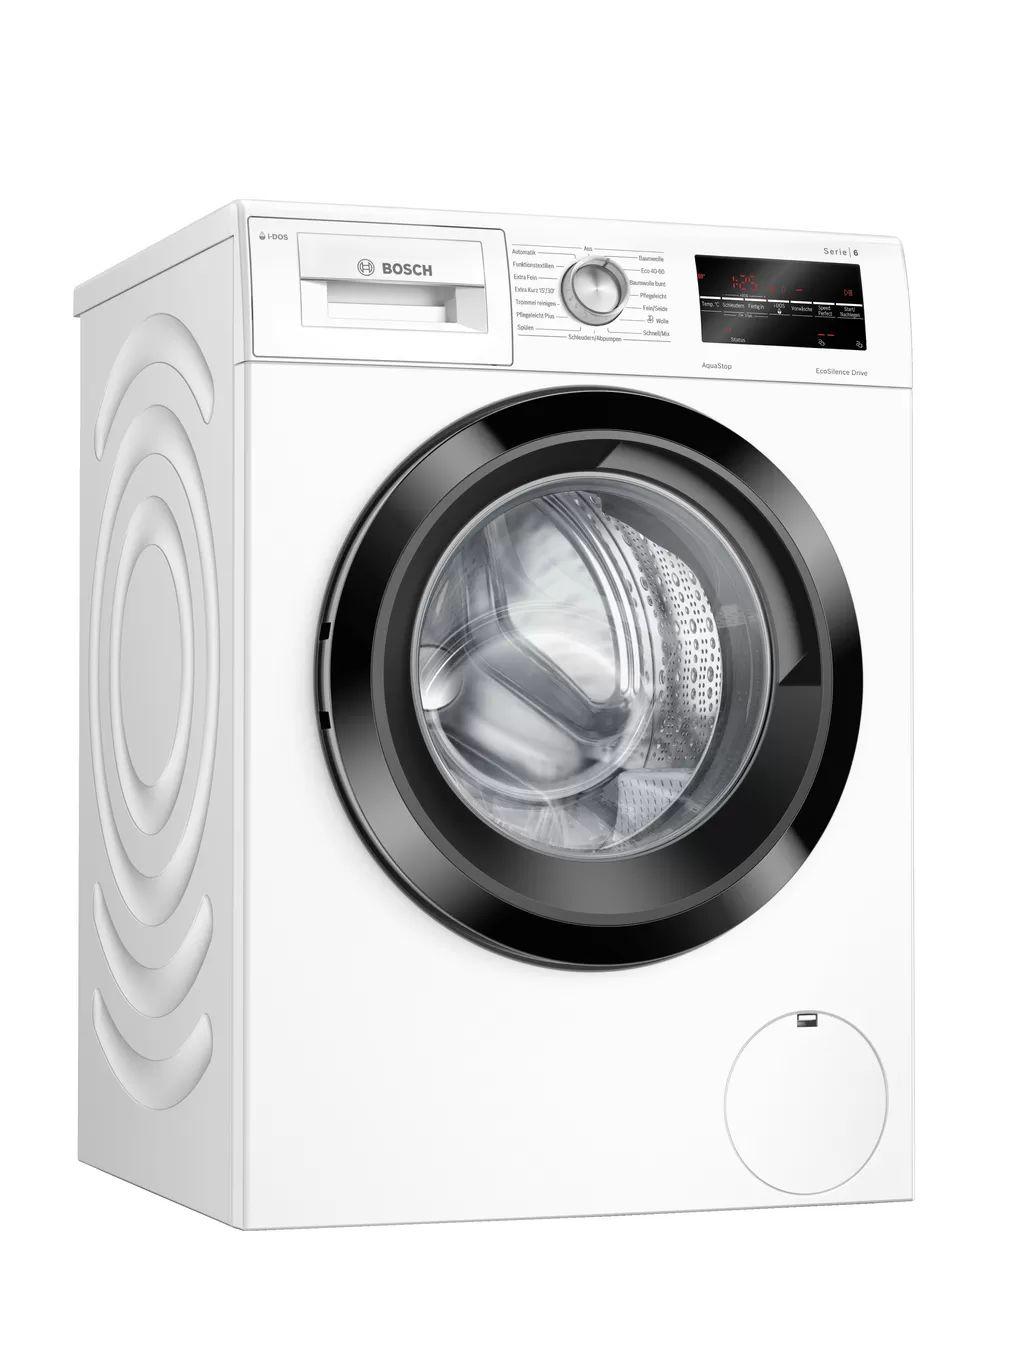 Bosch WAU 28 SIDOS Waschmaschine (9kg, 1400 U/Min, A+++, Aqua Stop, Dosierautomatik, Nachlegefunktion, Kindersicherung, 41/71dB)